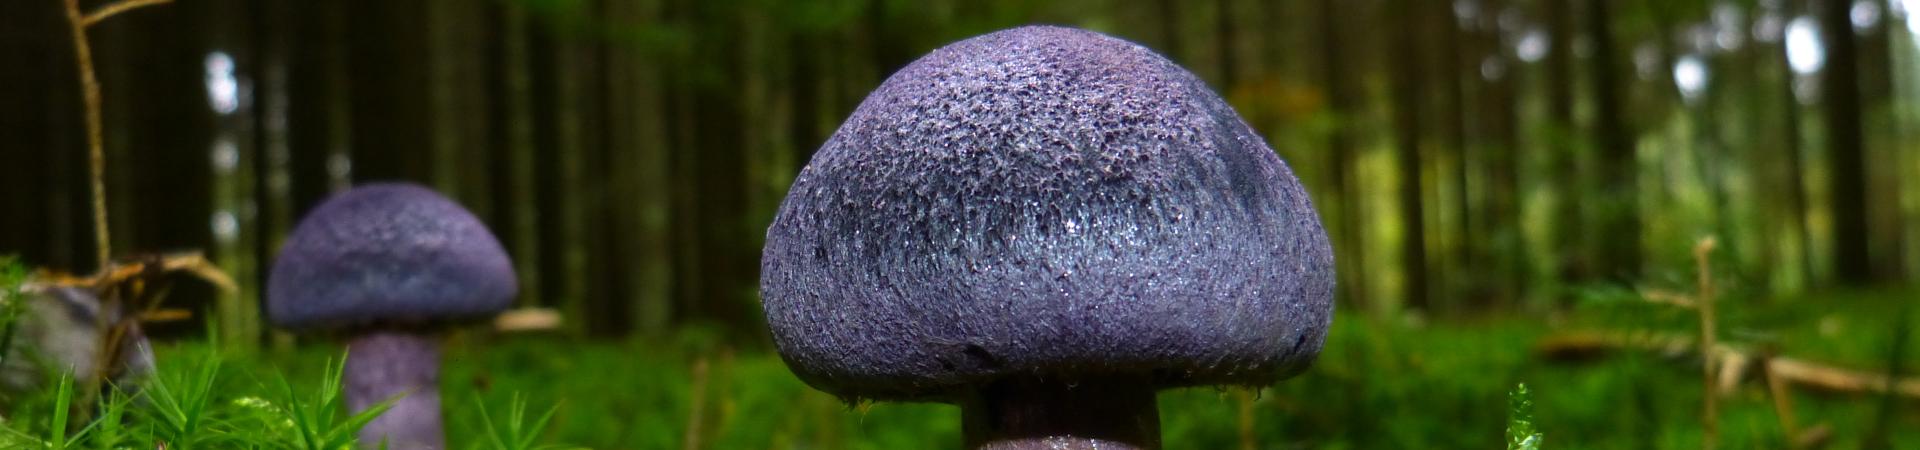 purple-mushroom-1920×450